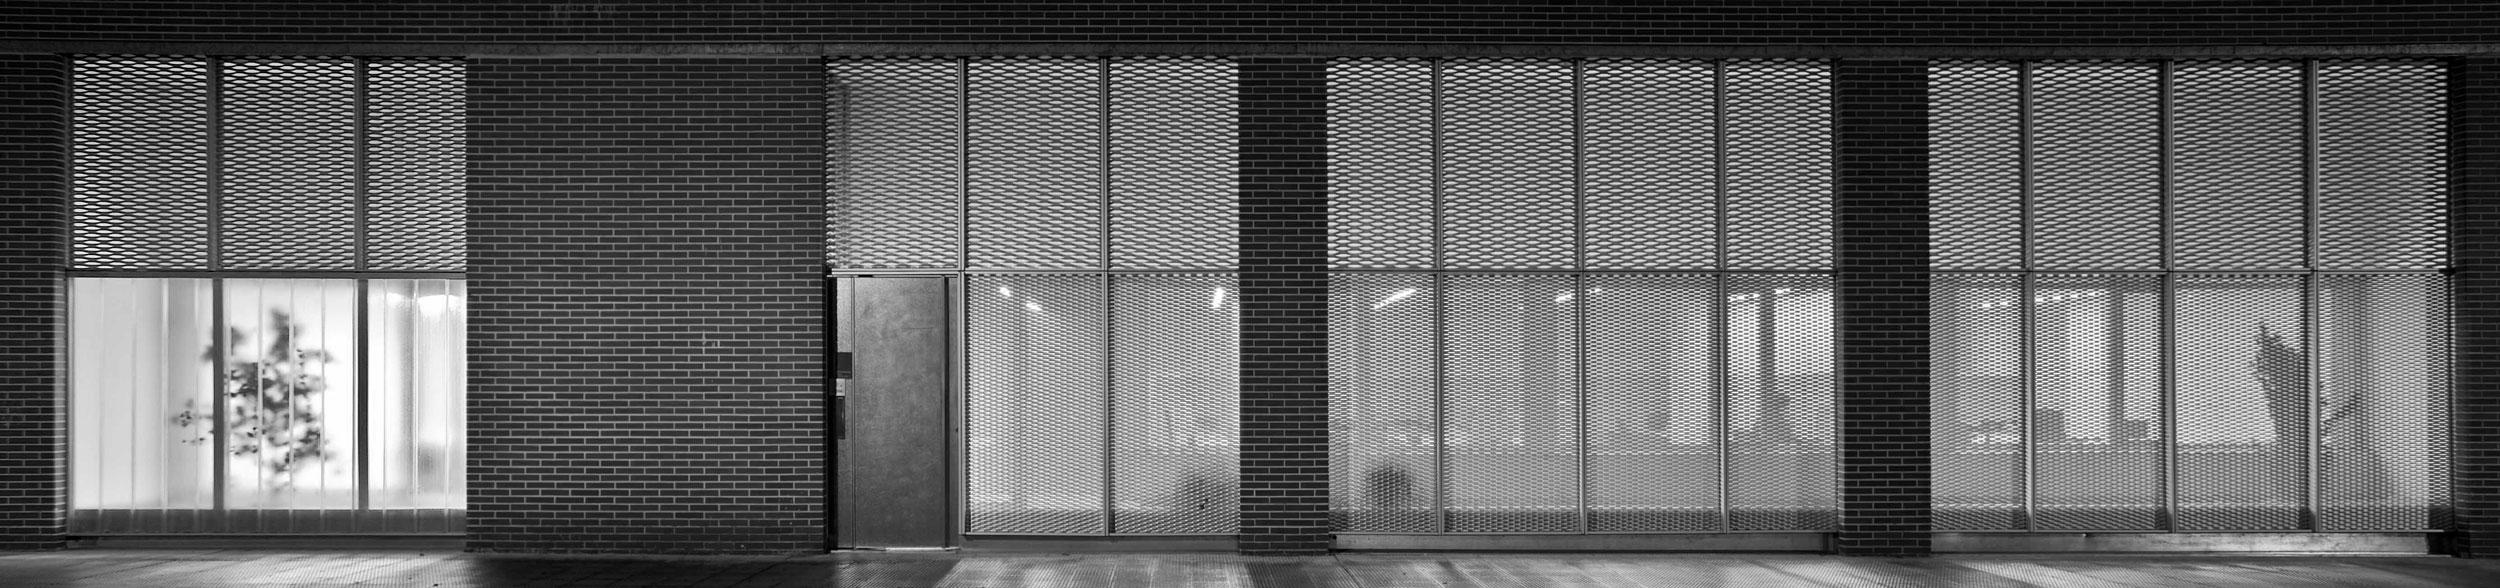 Contacto-imagen-fachada-ByEarquitectos-pamplona-navarra